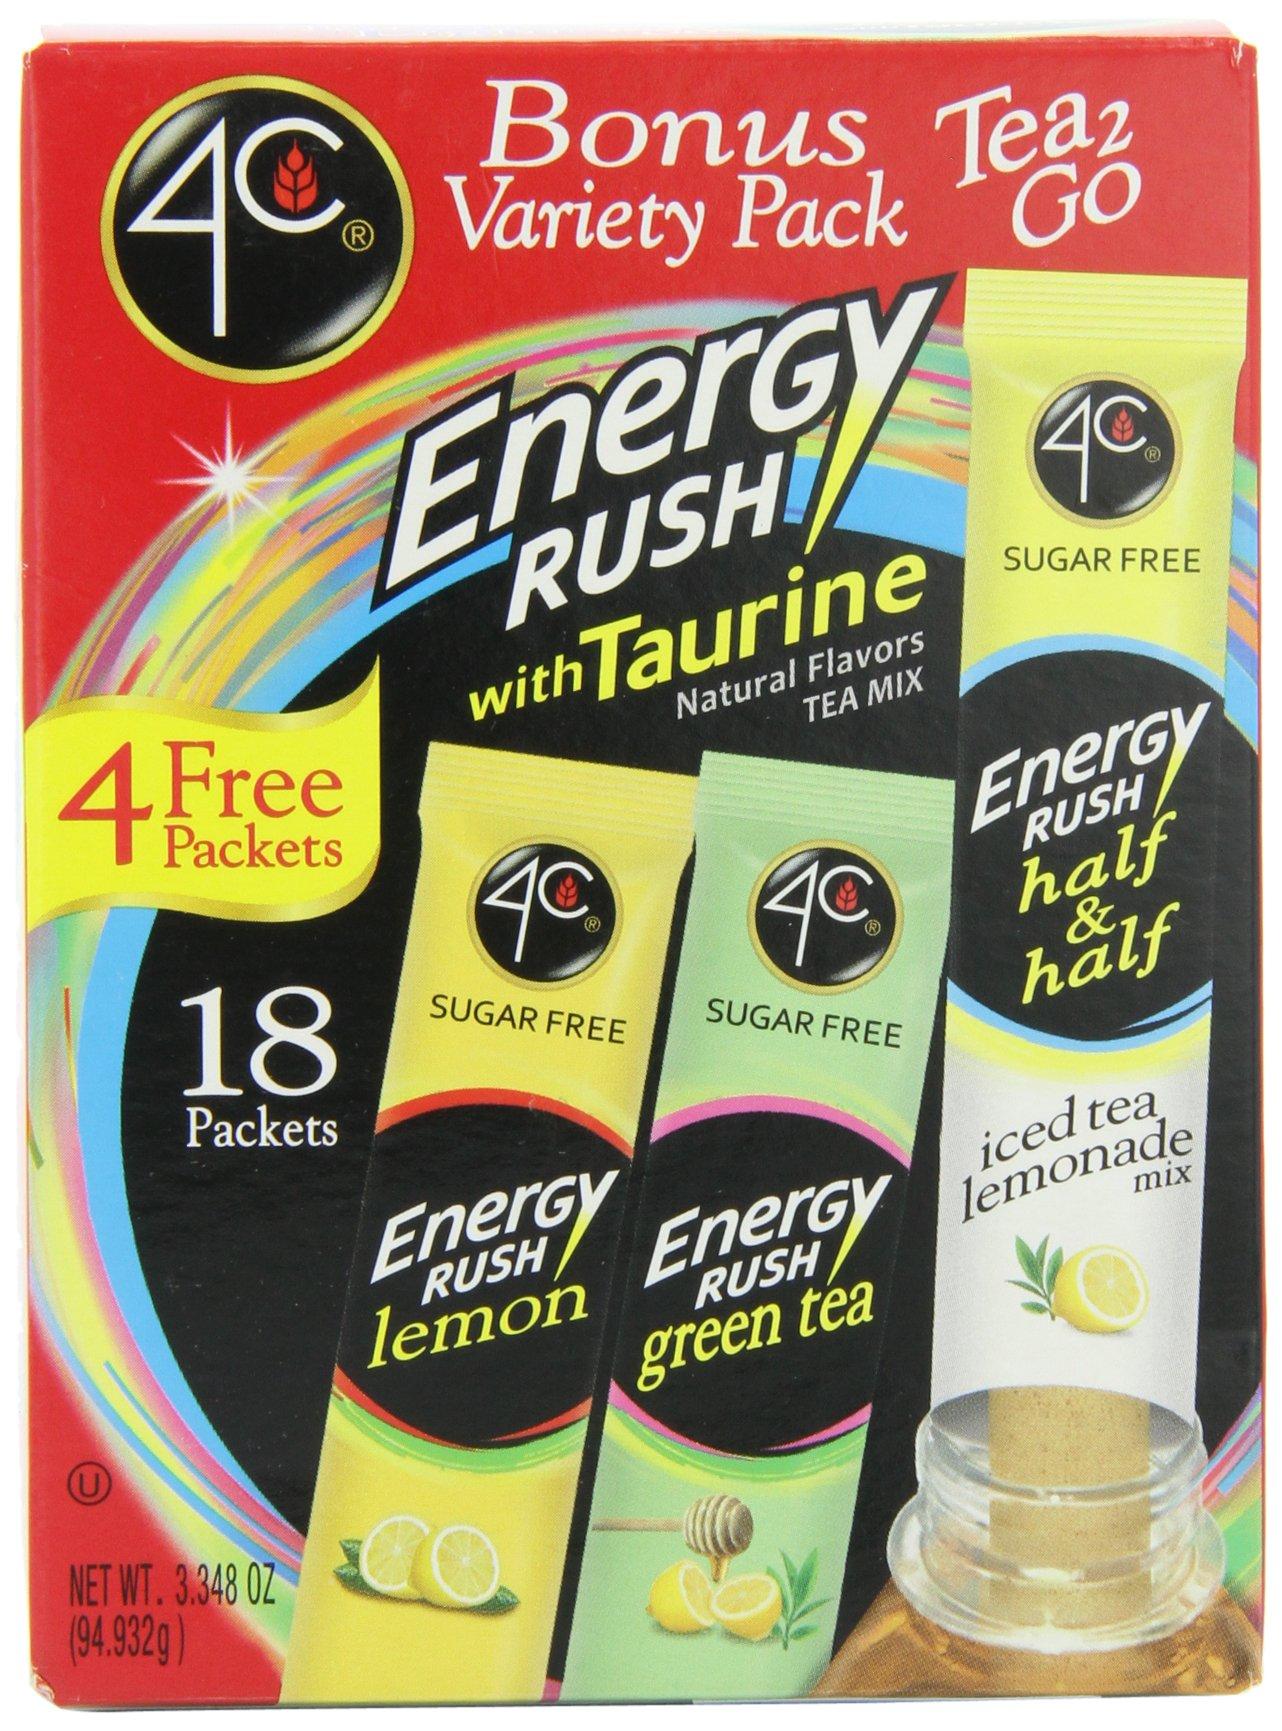 4C Totally Light 2 Go Energy Rush Bonus Variety Pack, 3.4-Ounce (Pack of 3) by 4C